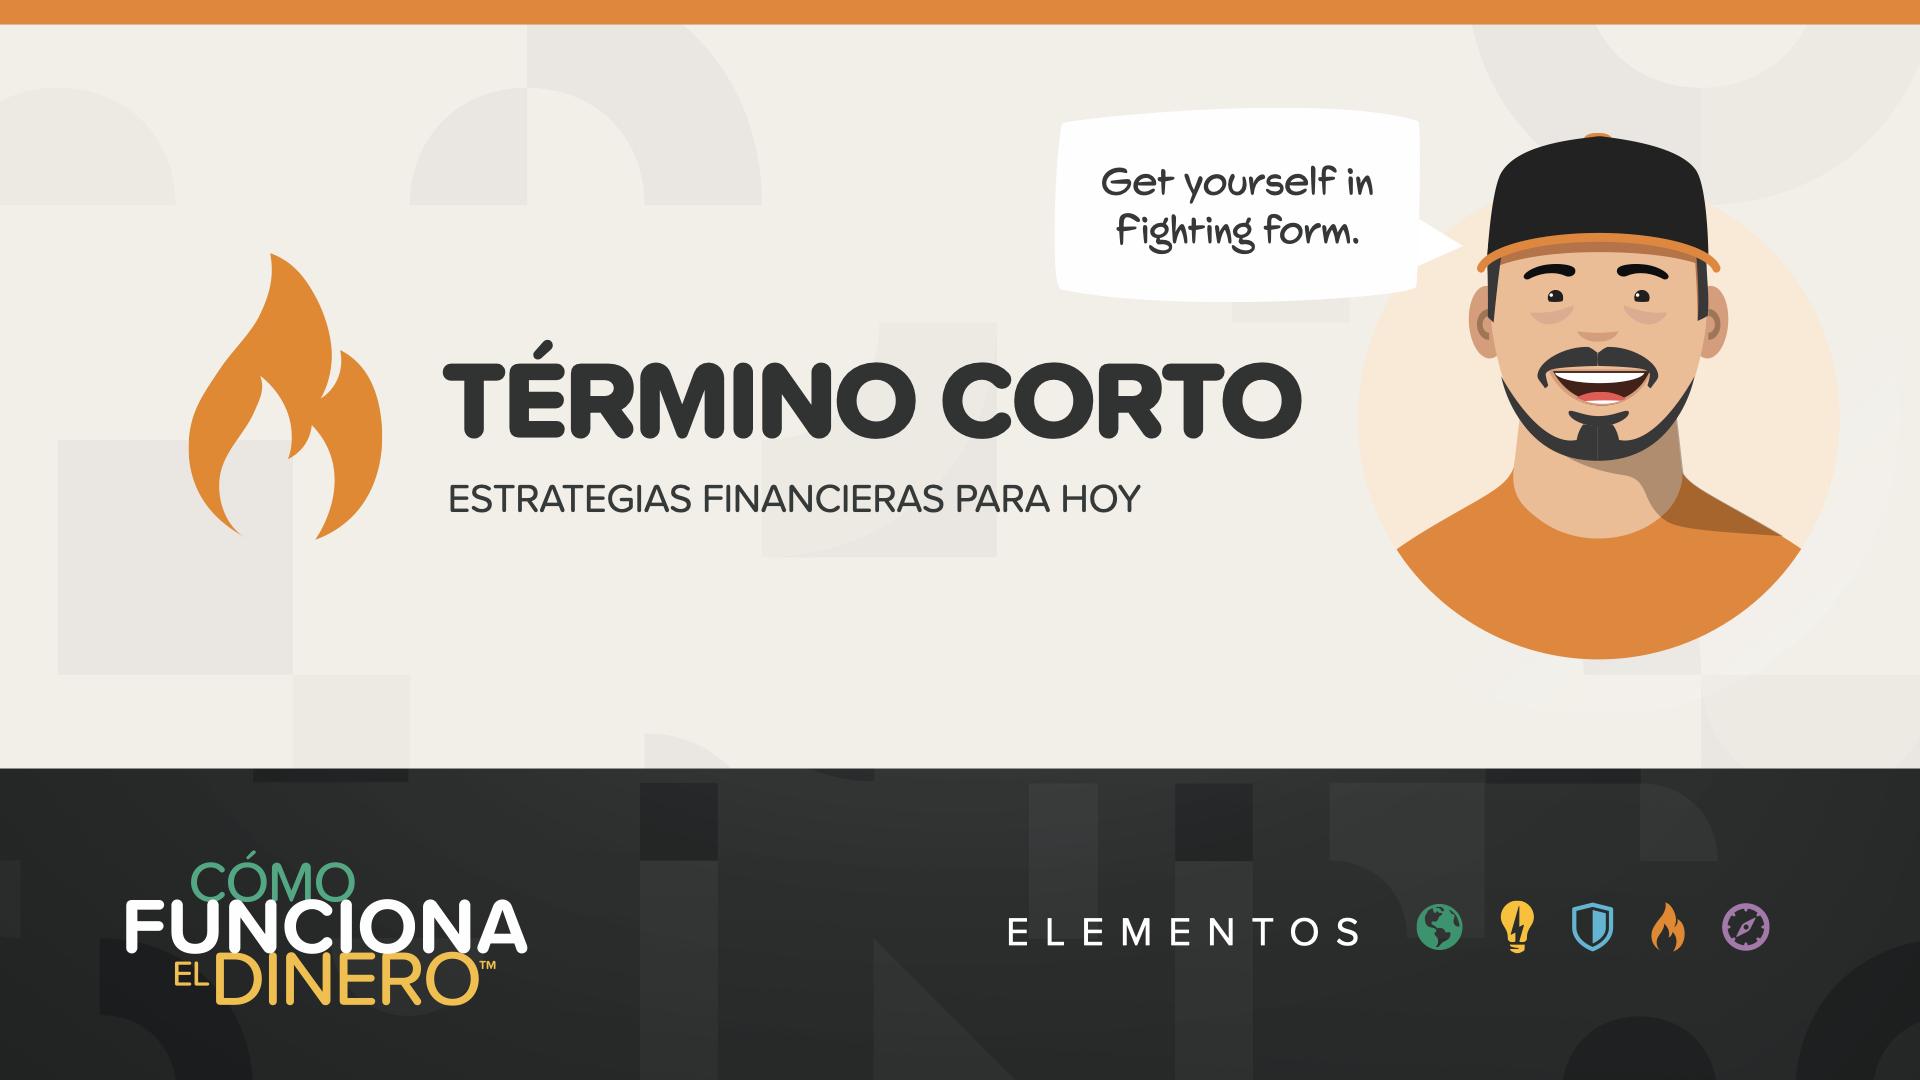 ELEMENTOS - Término Corto